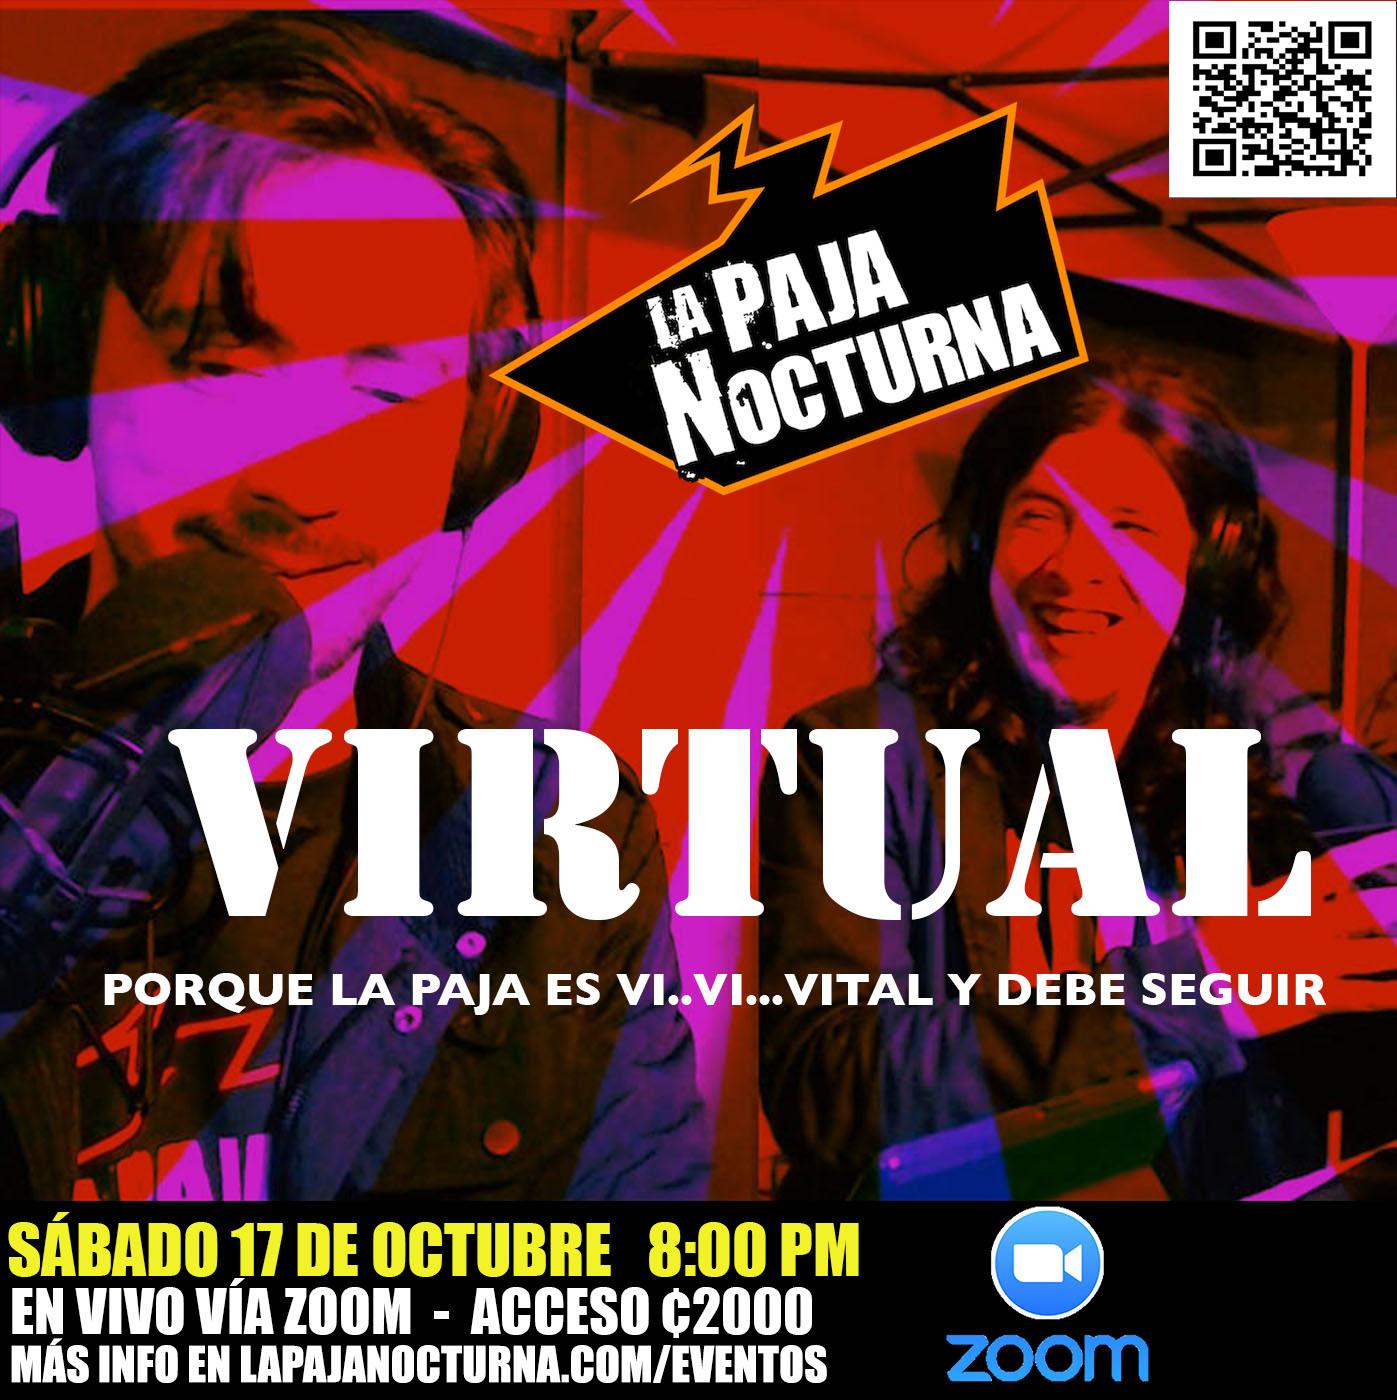 La Paja Nocturna Virtual En Vivo 17 Octubre